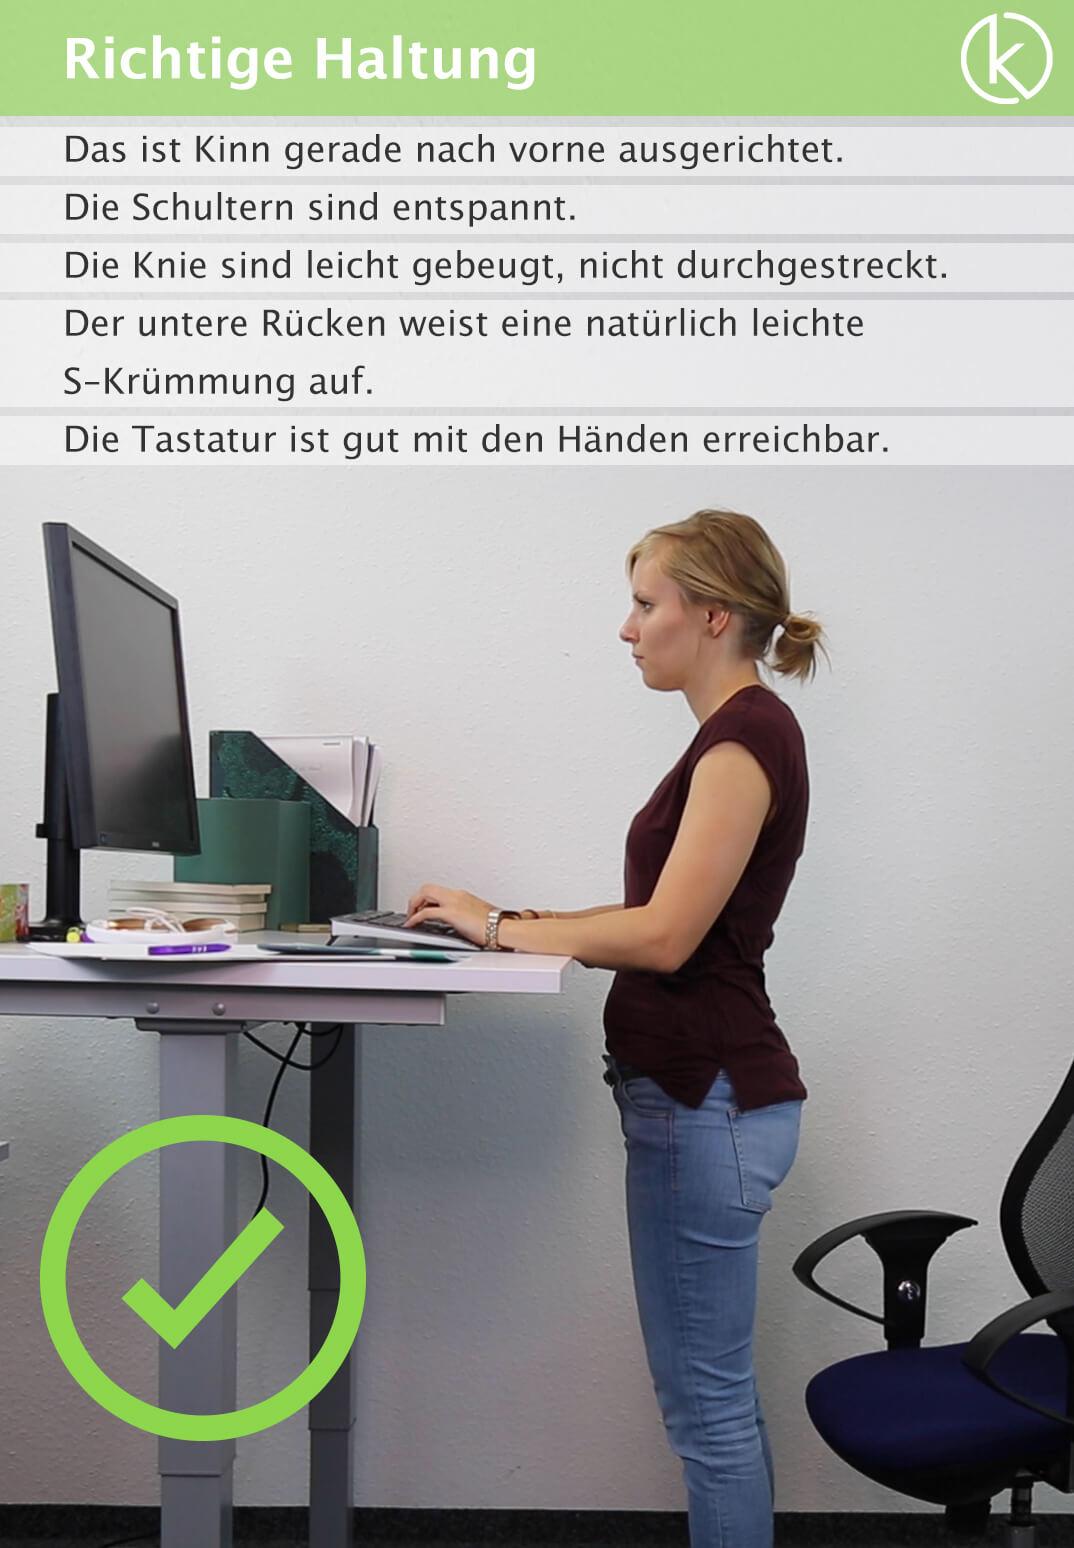 Infografik richtige Haltung am Arbeitsplatz